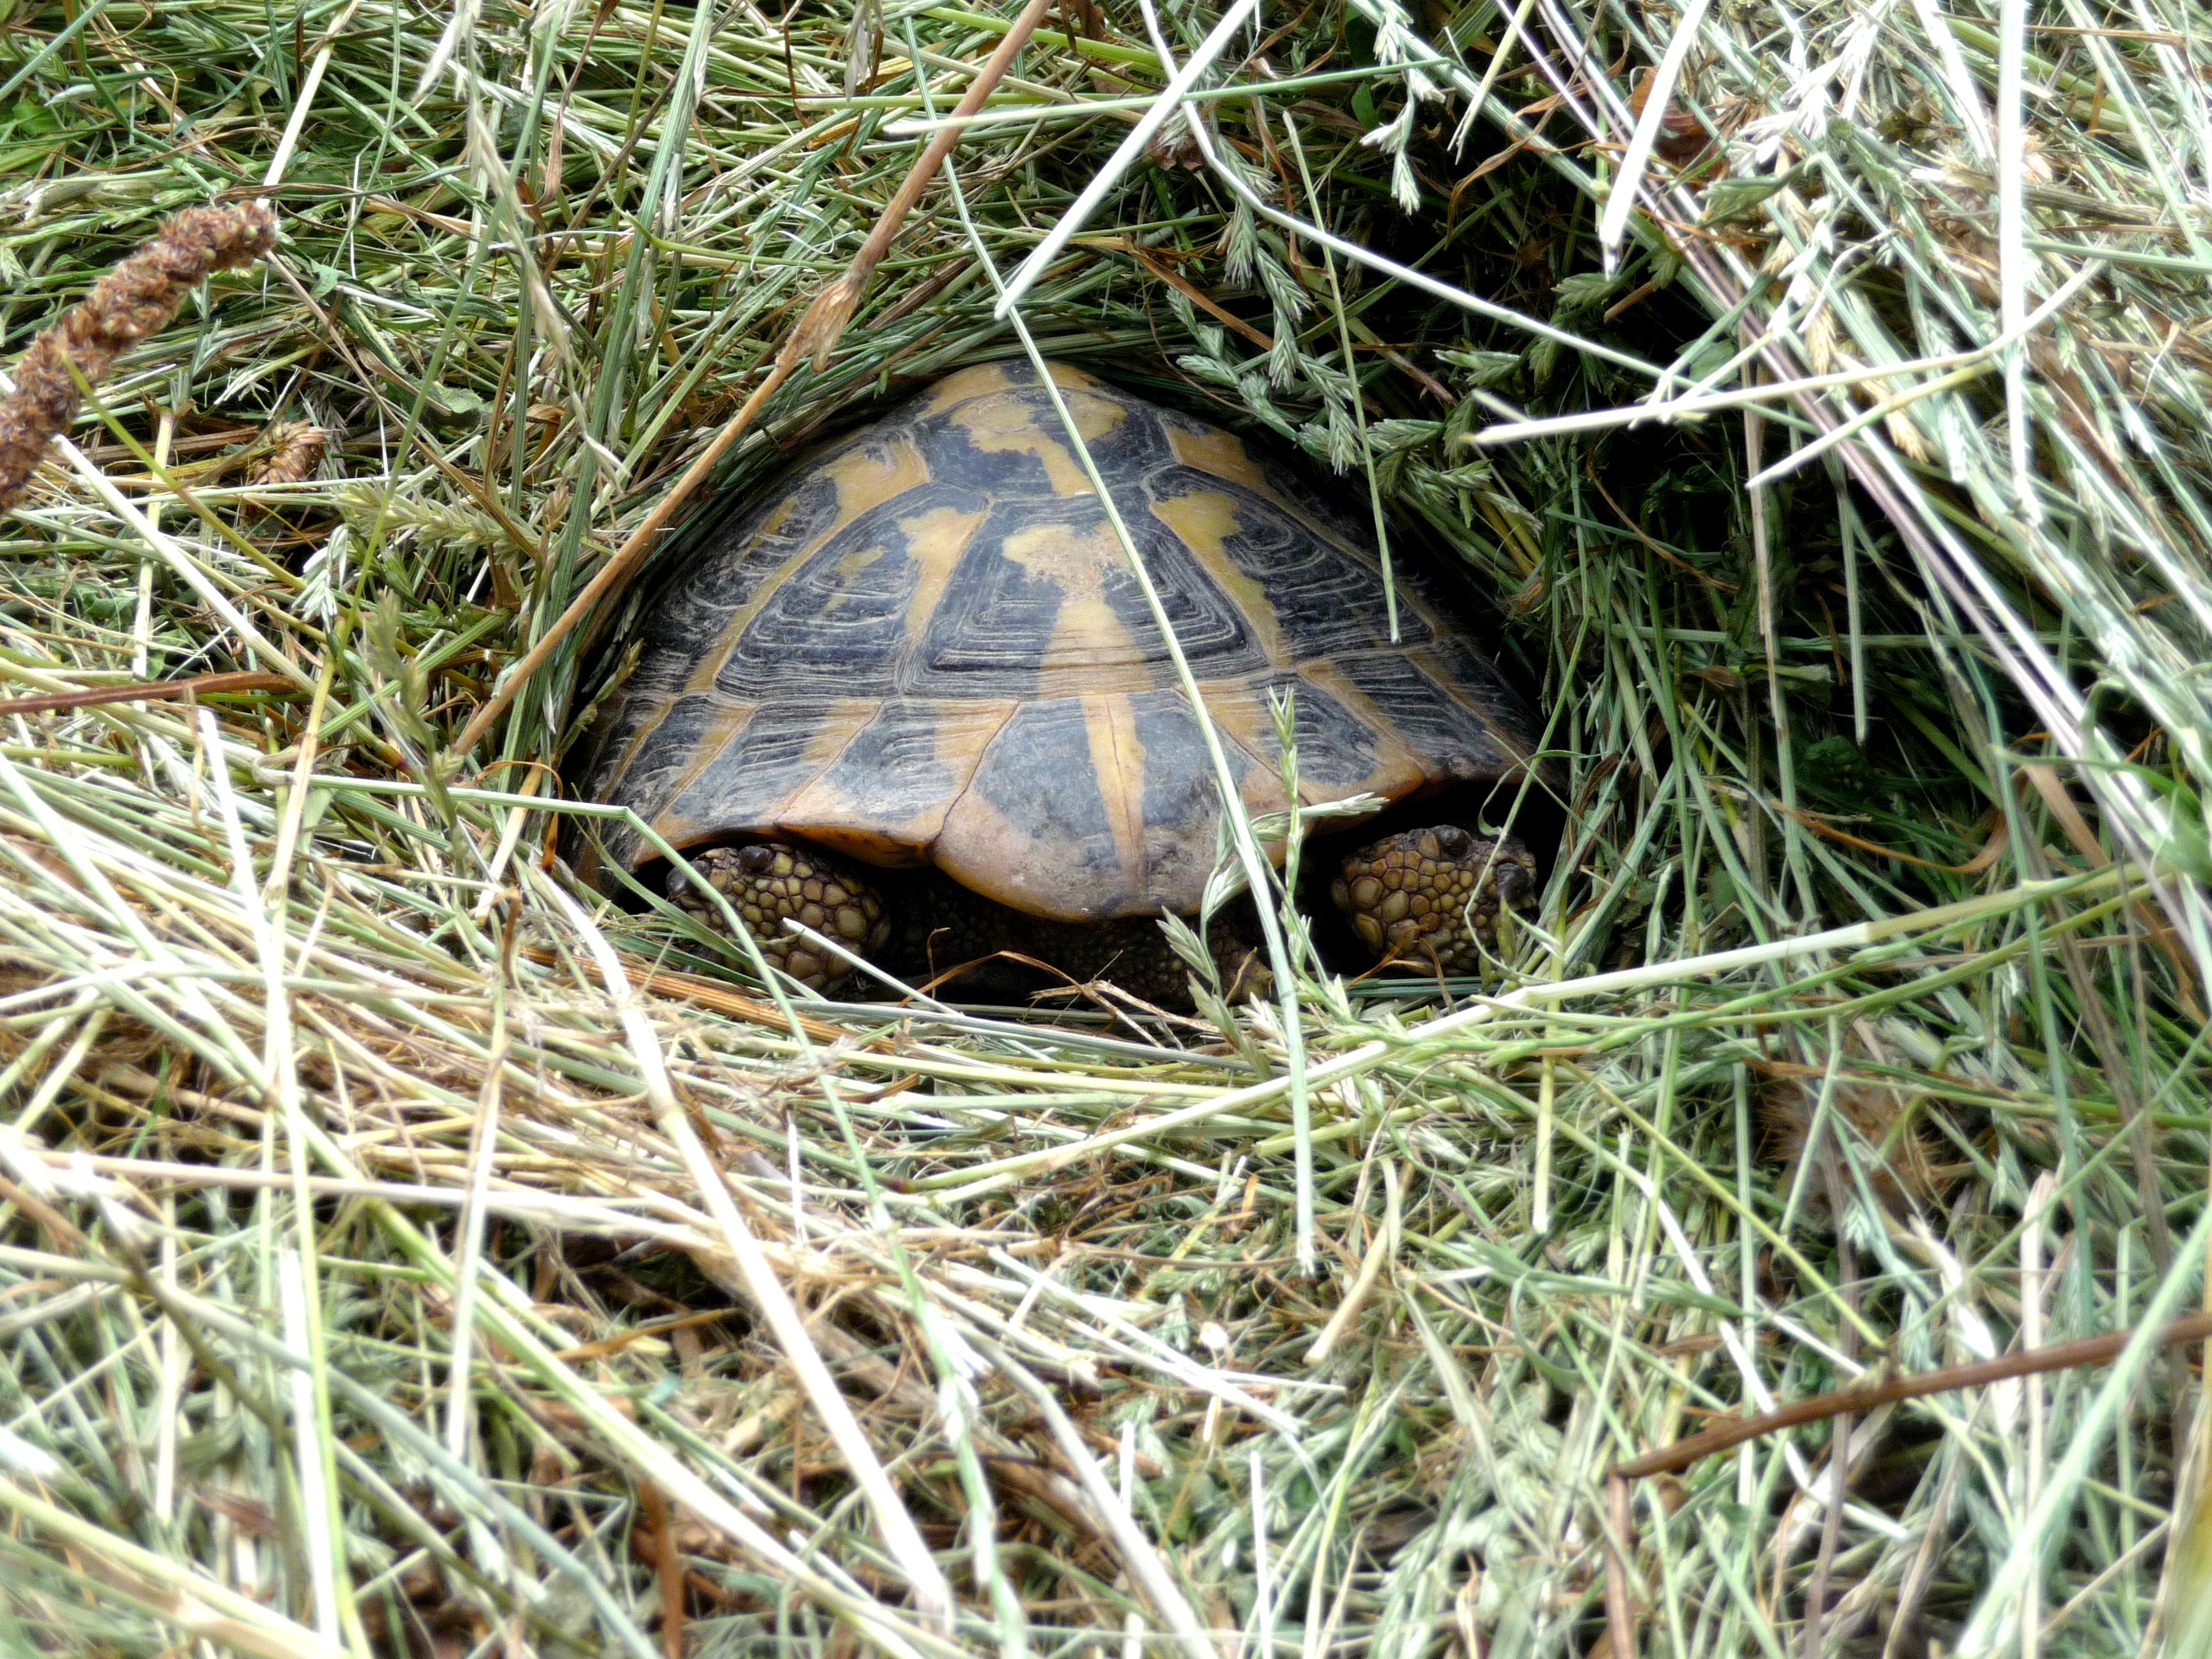 Natürliche Haltung der Griechischen Landschildkröte